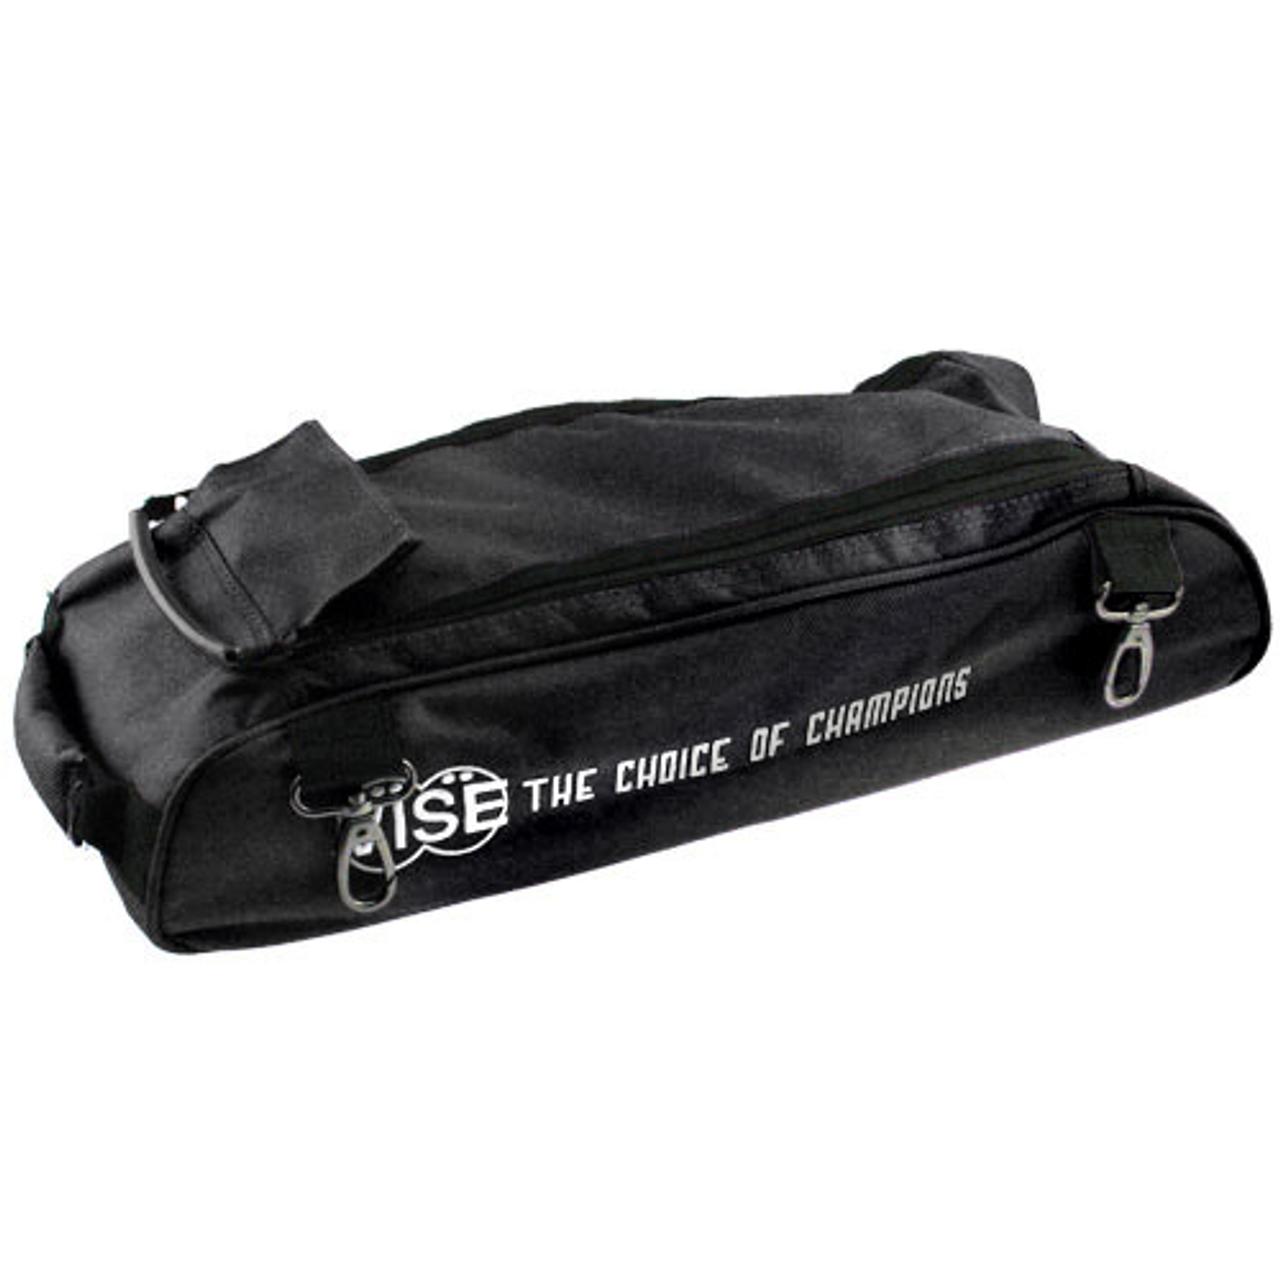 Vise Add On Shoe Tote Bag Black